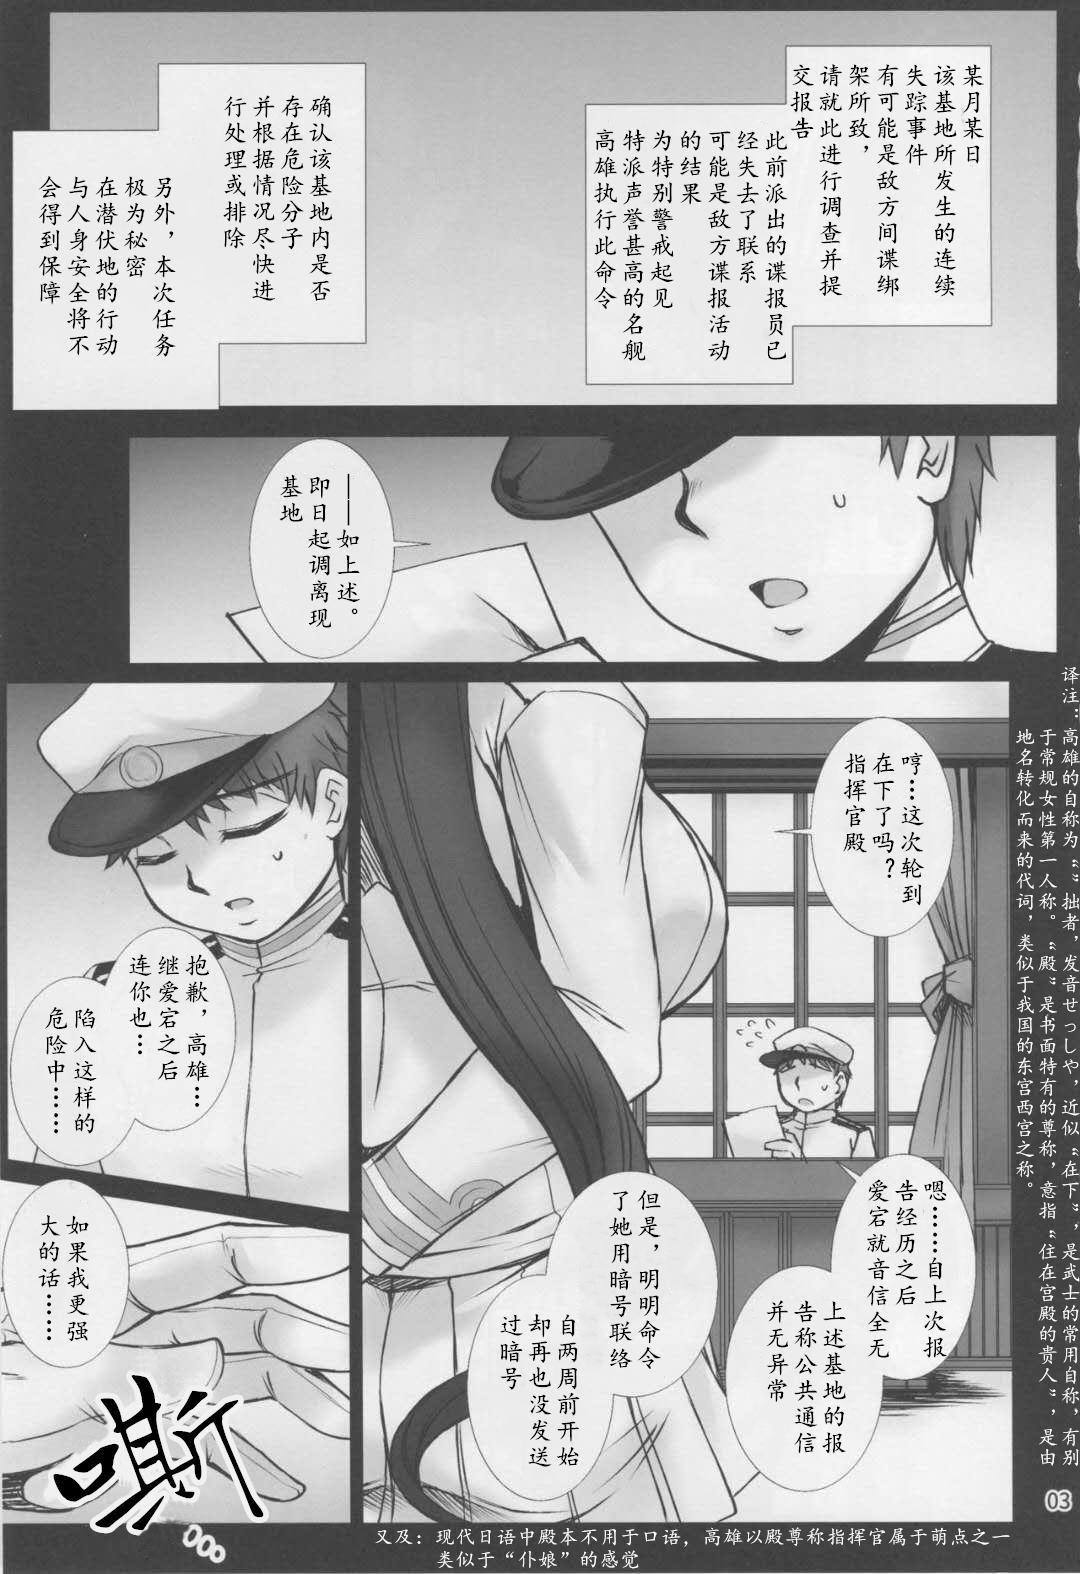 Takao wa Midara ni Musebinaku 1